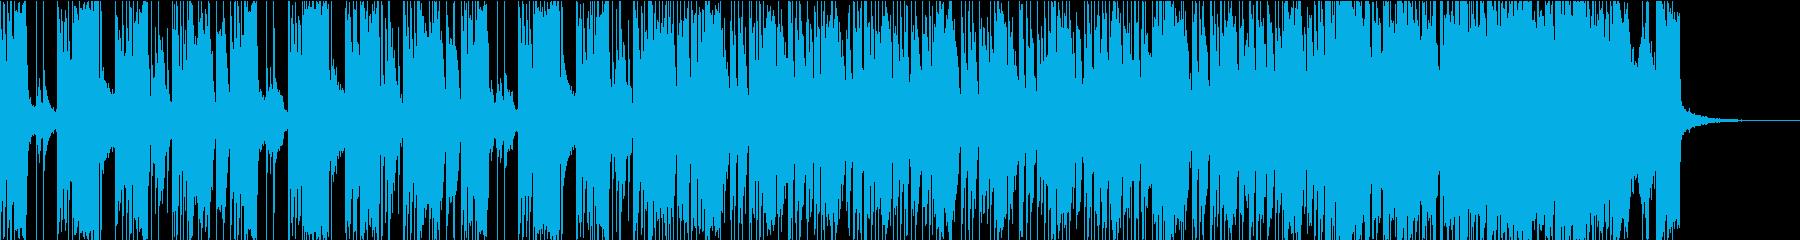 疾走感でエンディング、追跡、覚醒シーンにの再生済みの波形